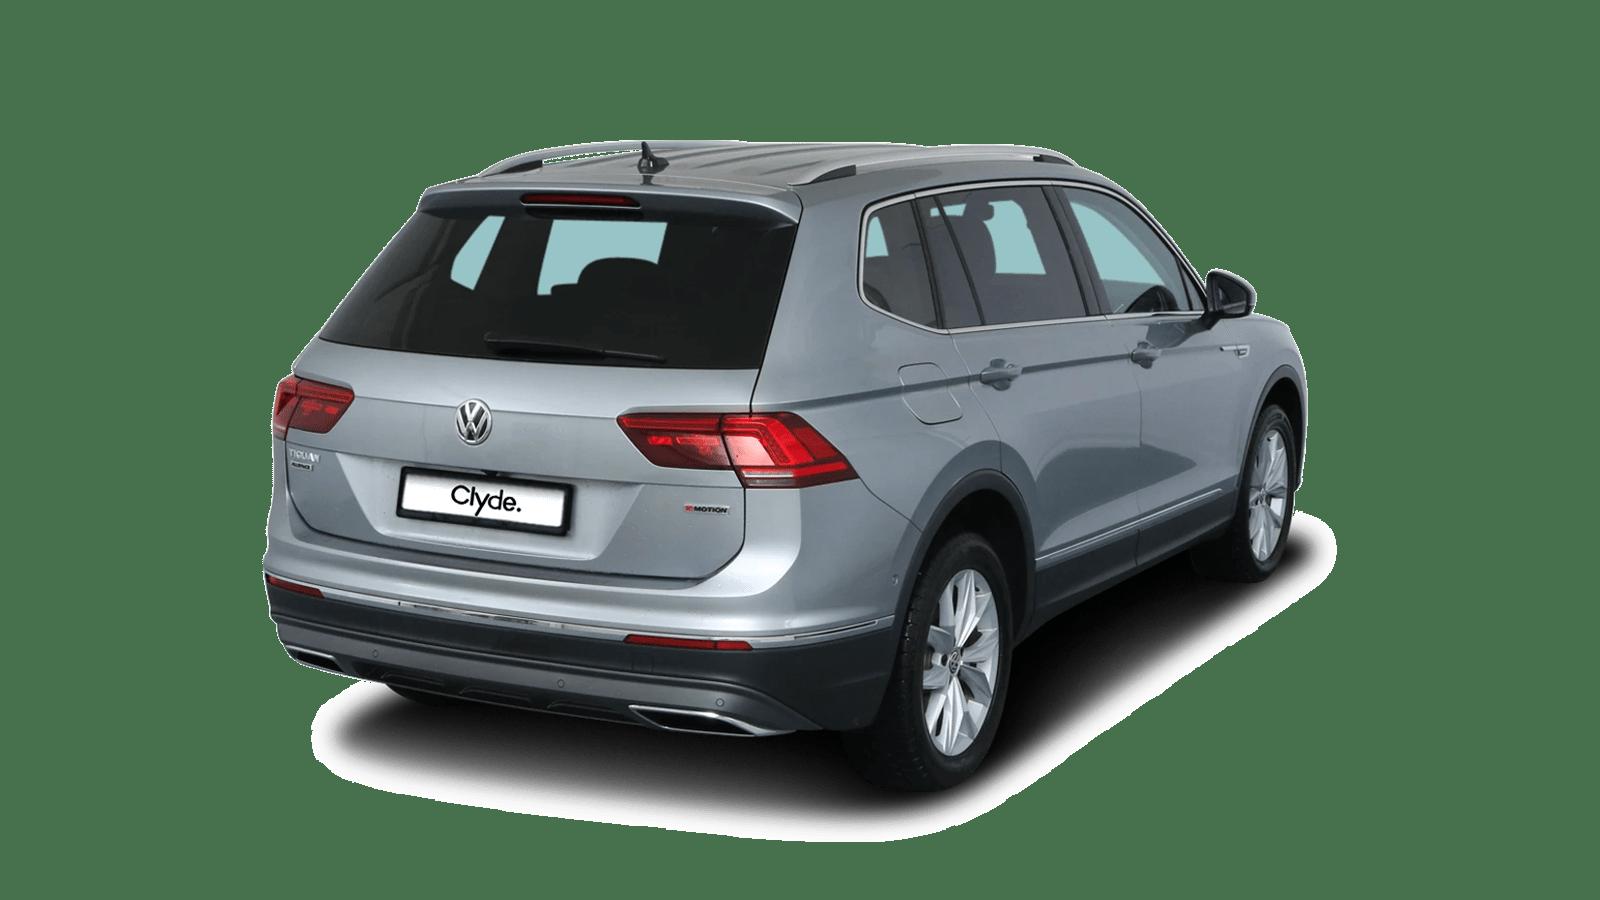 VW Tiguan Allspace Silber front - Clyde Auto-Abo